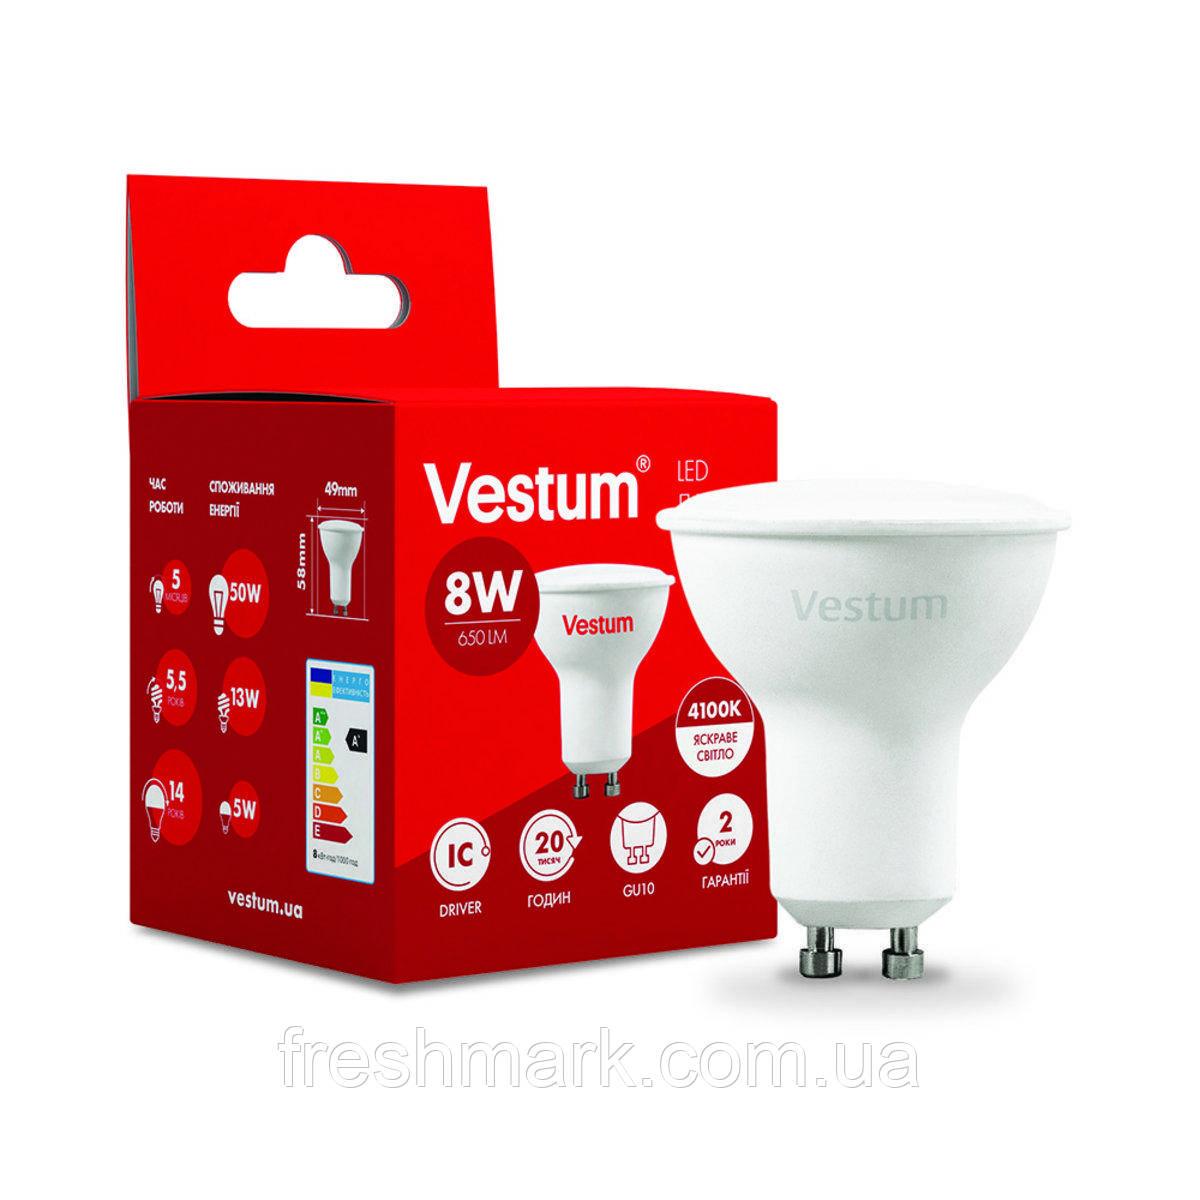 Лампа LED Vestum MR16 8W 4100K 220V GU10